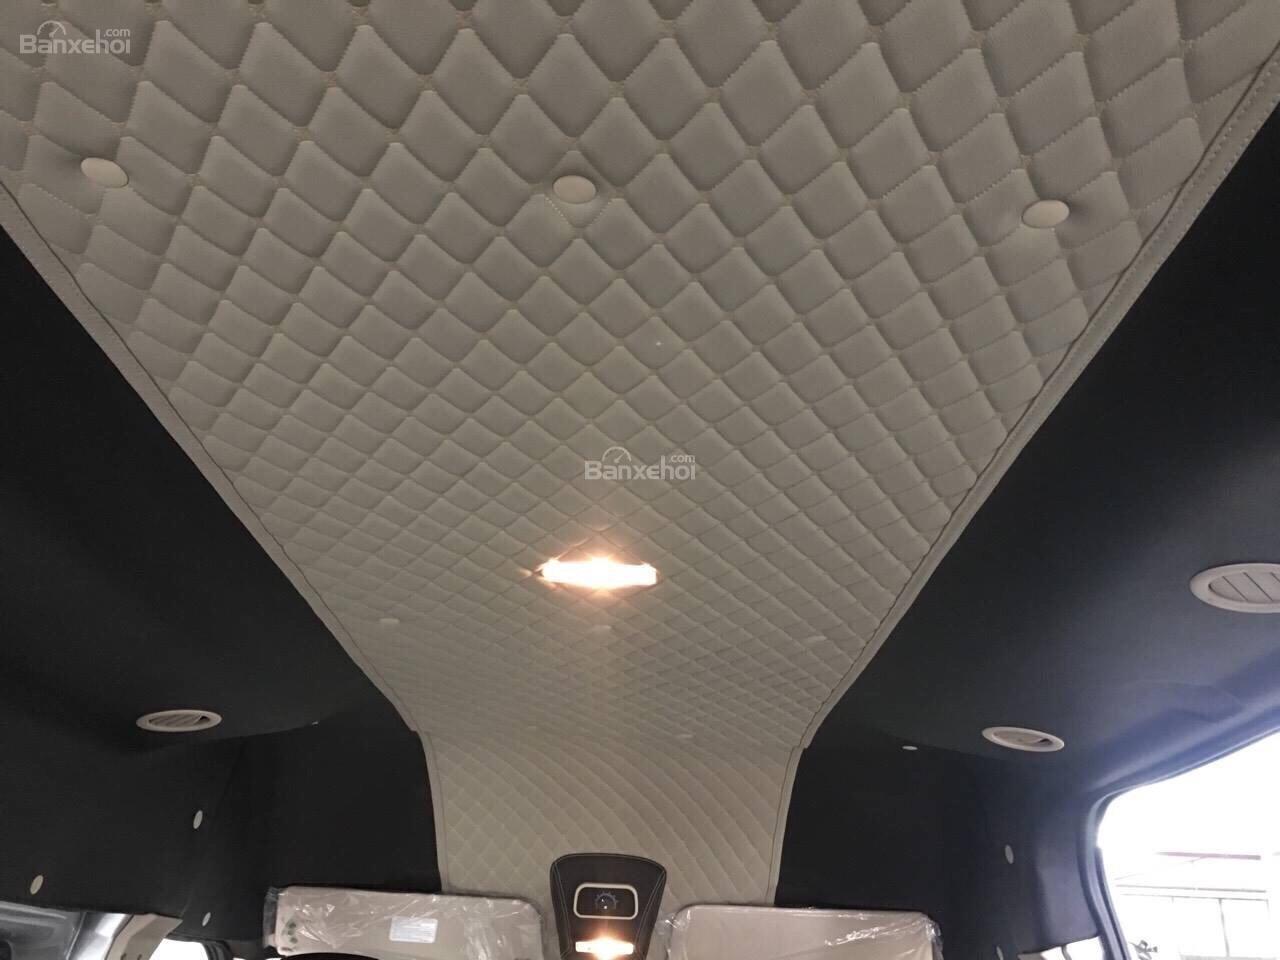 Bán Transit 2019, giao xe ngay hỗ trợ vay 5-7 năm 80-90% giá trị xe tặng ngay hộp đen - lót sàn giả gỗ - bọc trần-5